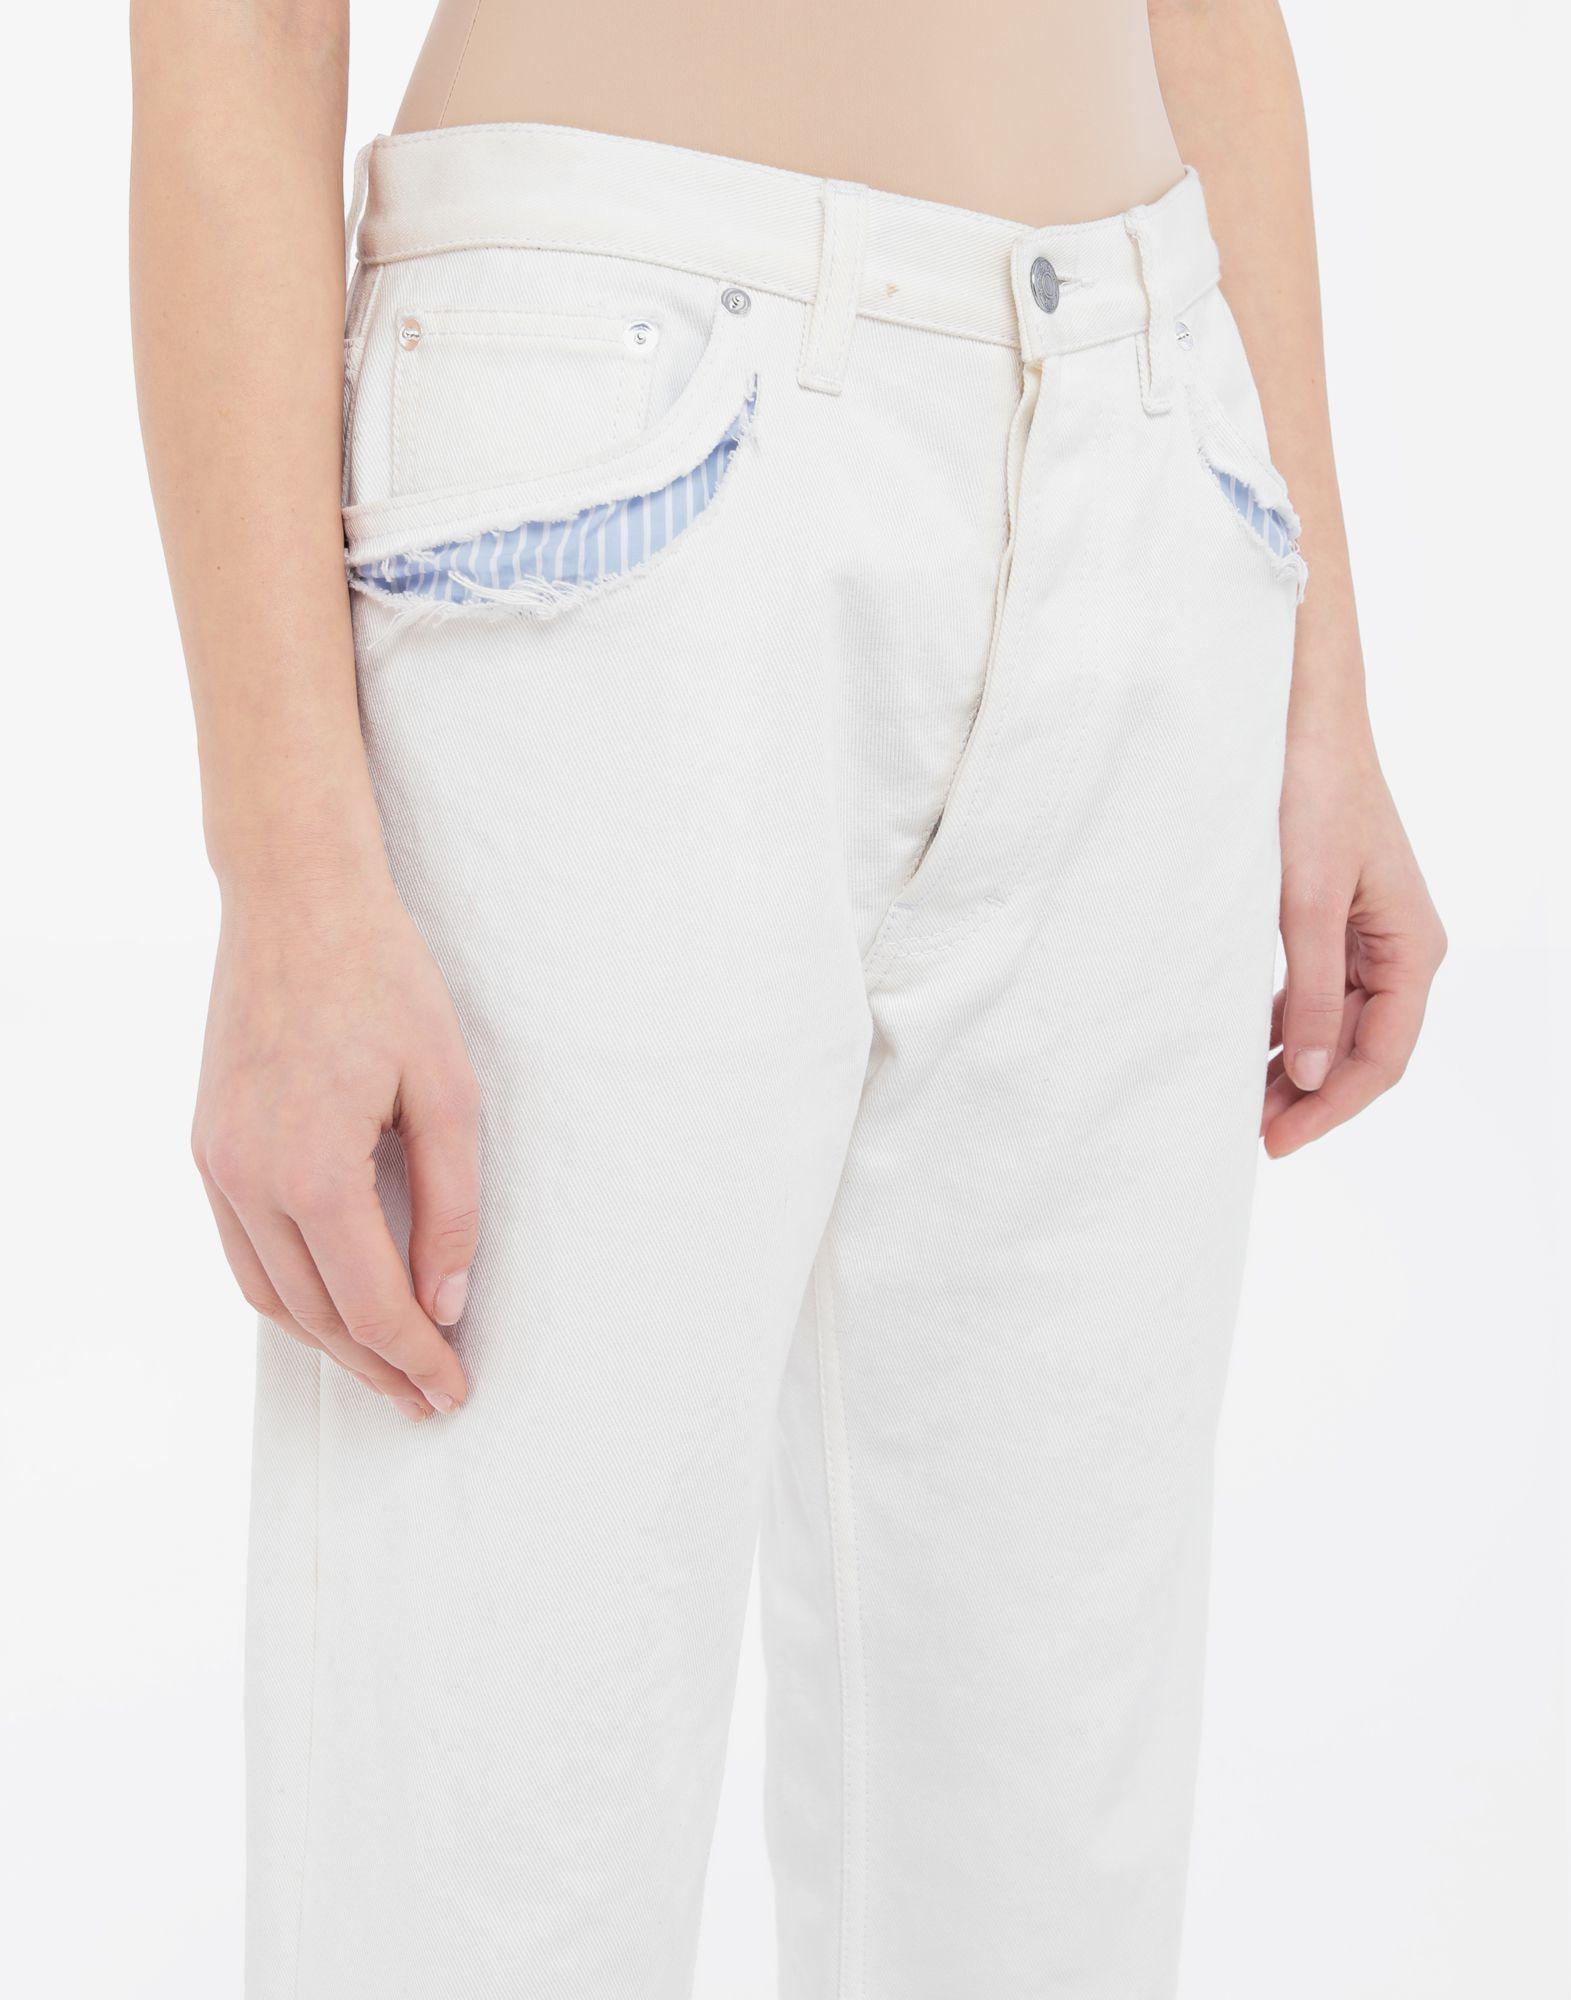 MAISON MARGIELA Décortiqué denim pants Jeans Woman a